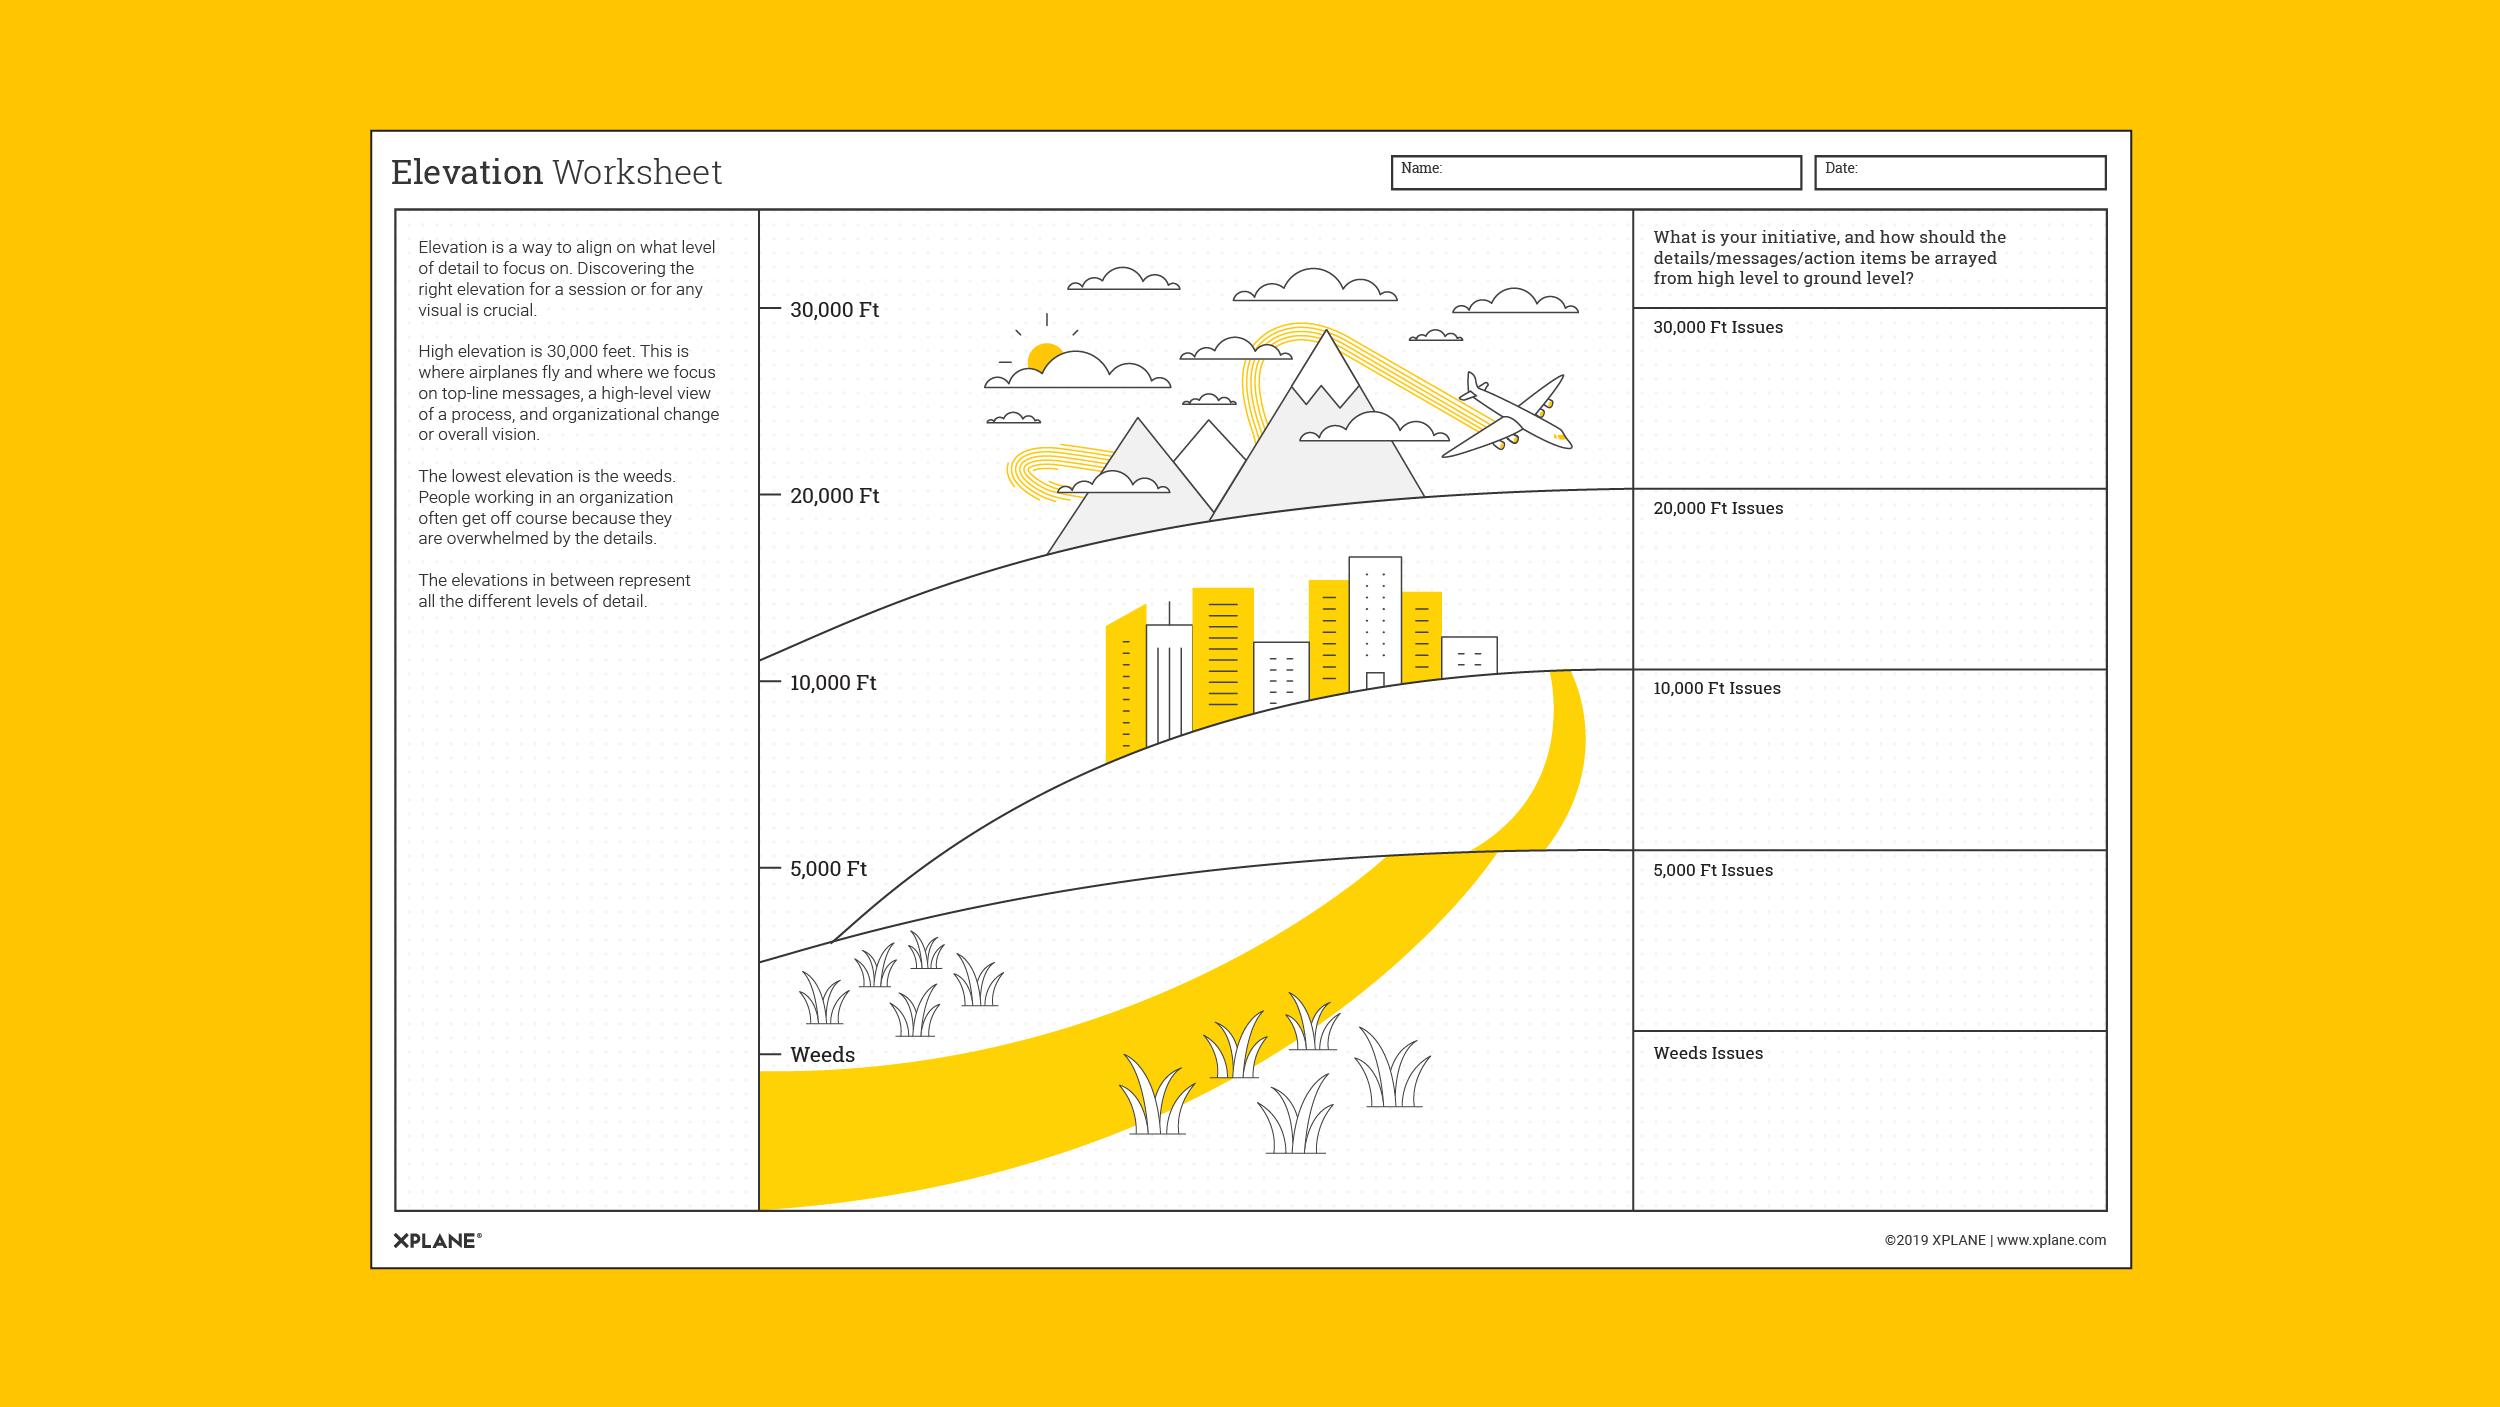 Elevation Worksheet